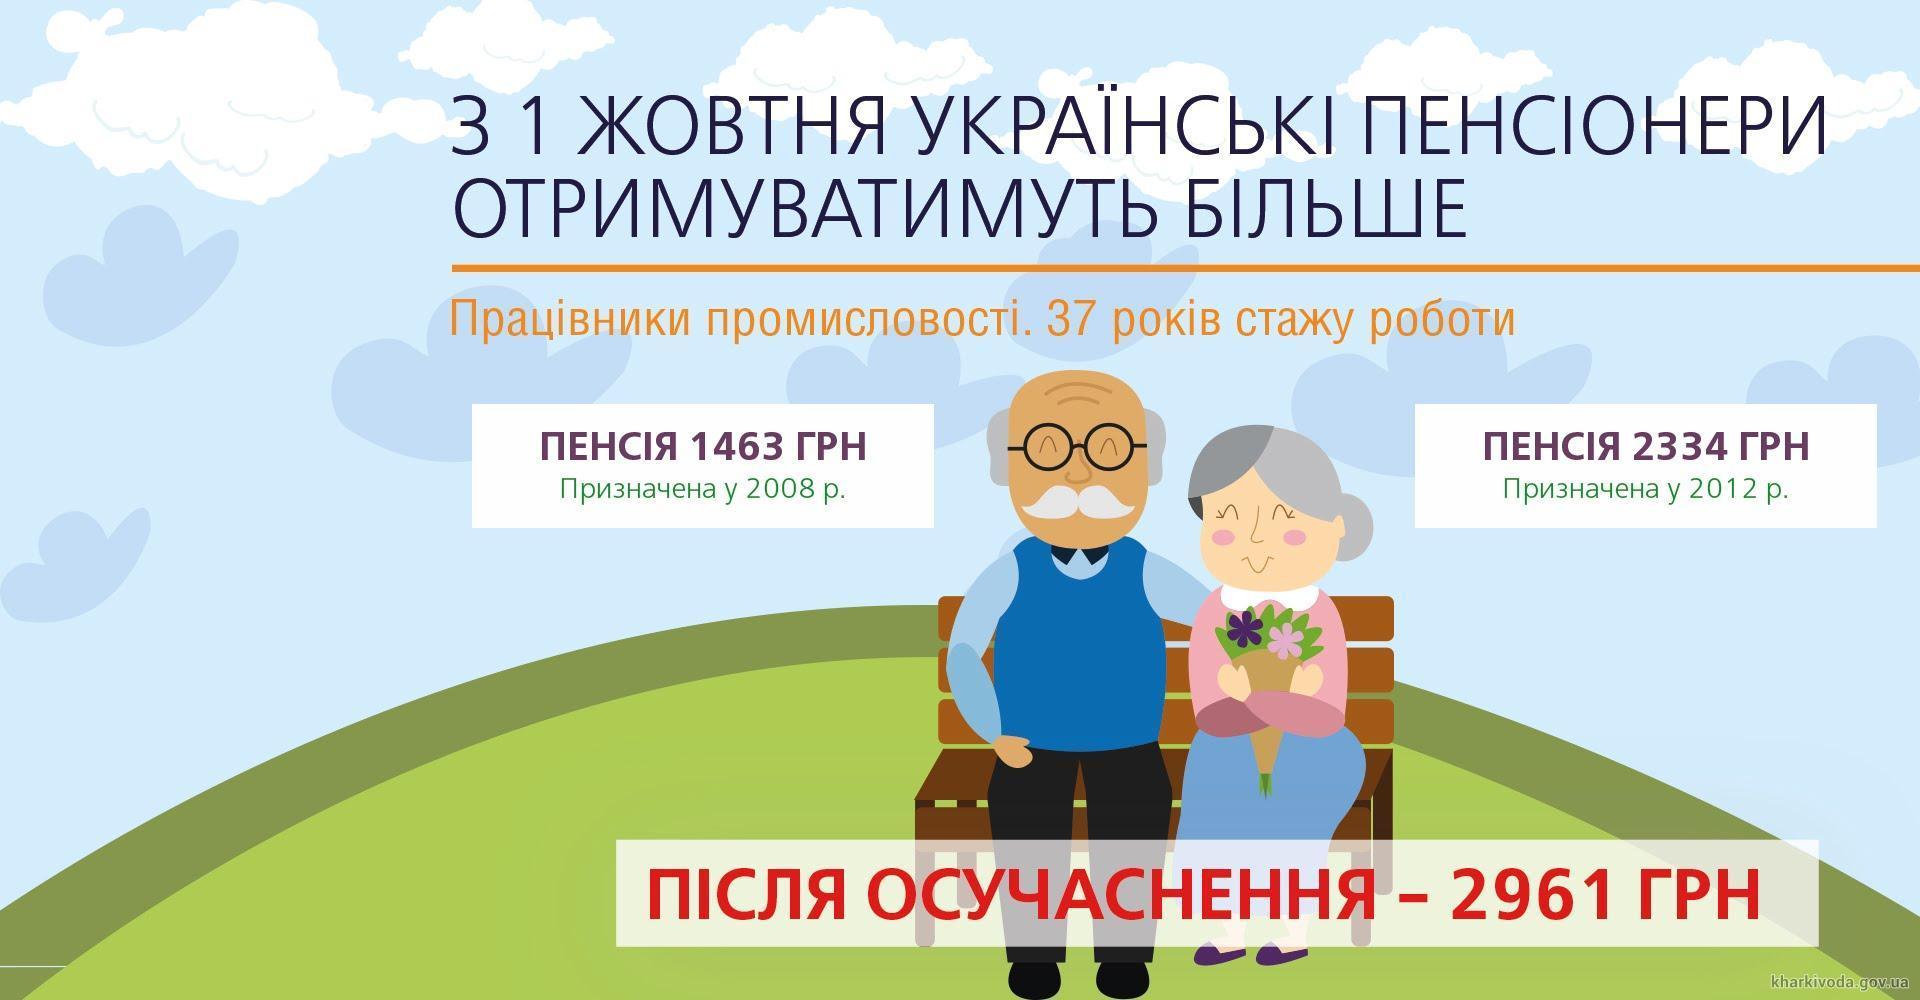 Повышенные пенсии украинцы получат уже в октябре - Правительство